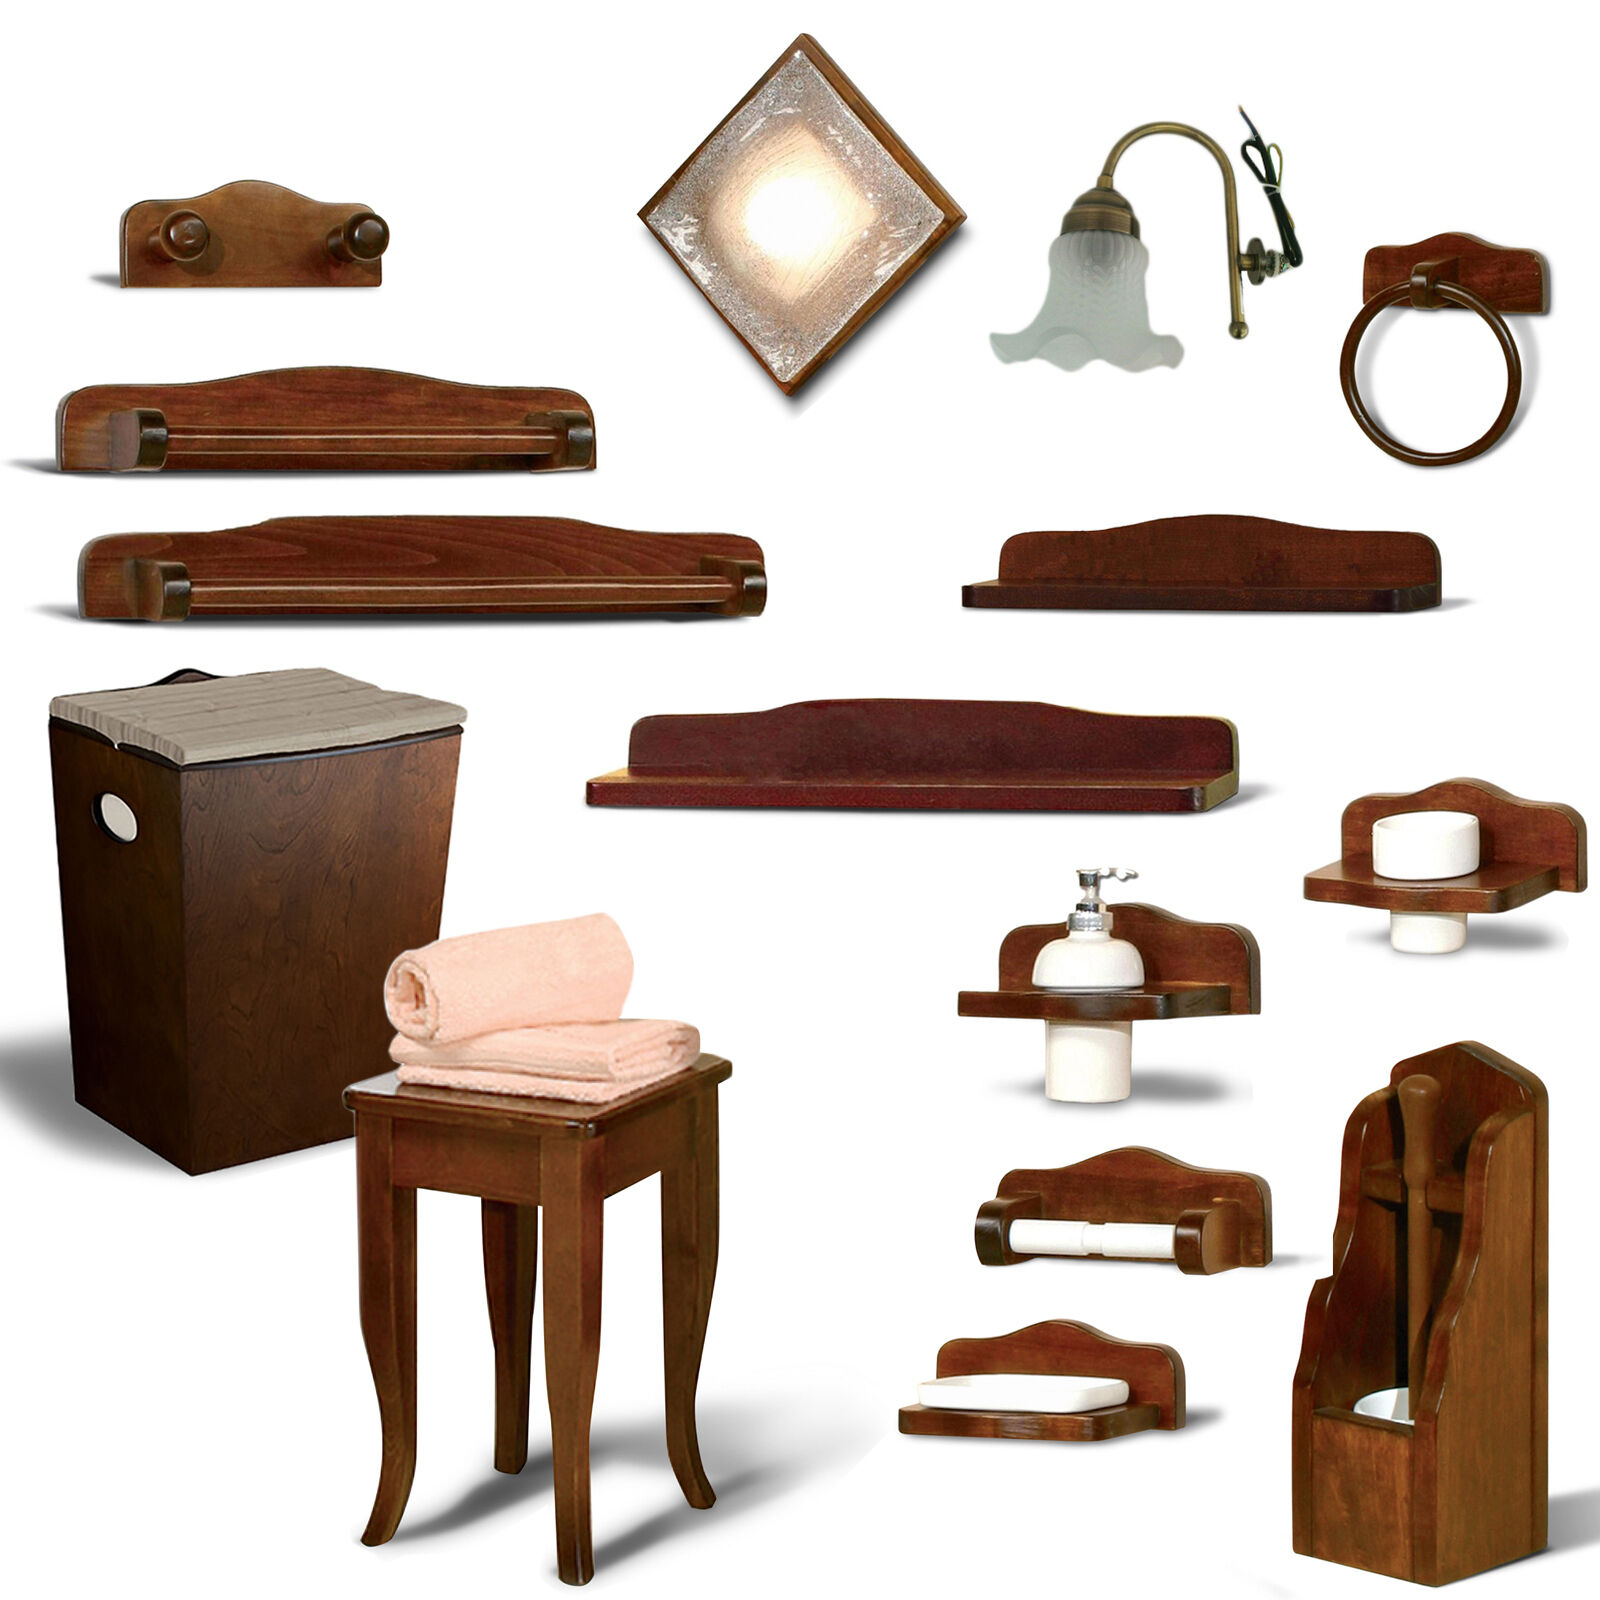 nuovi accessori bagno arte povera country 16 articoli stile ... - Articoli Arredo Bagno